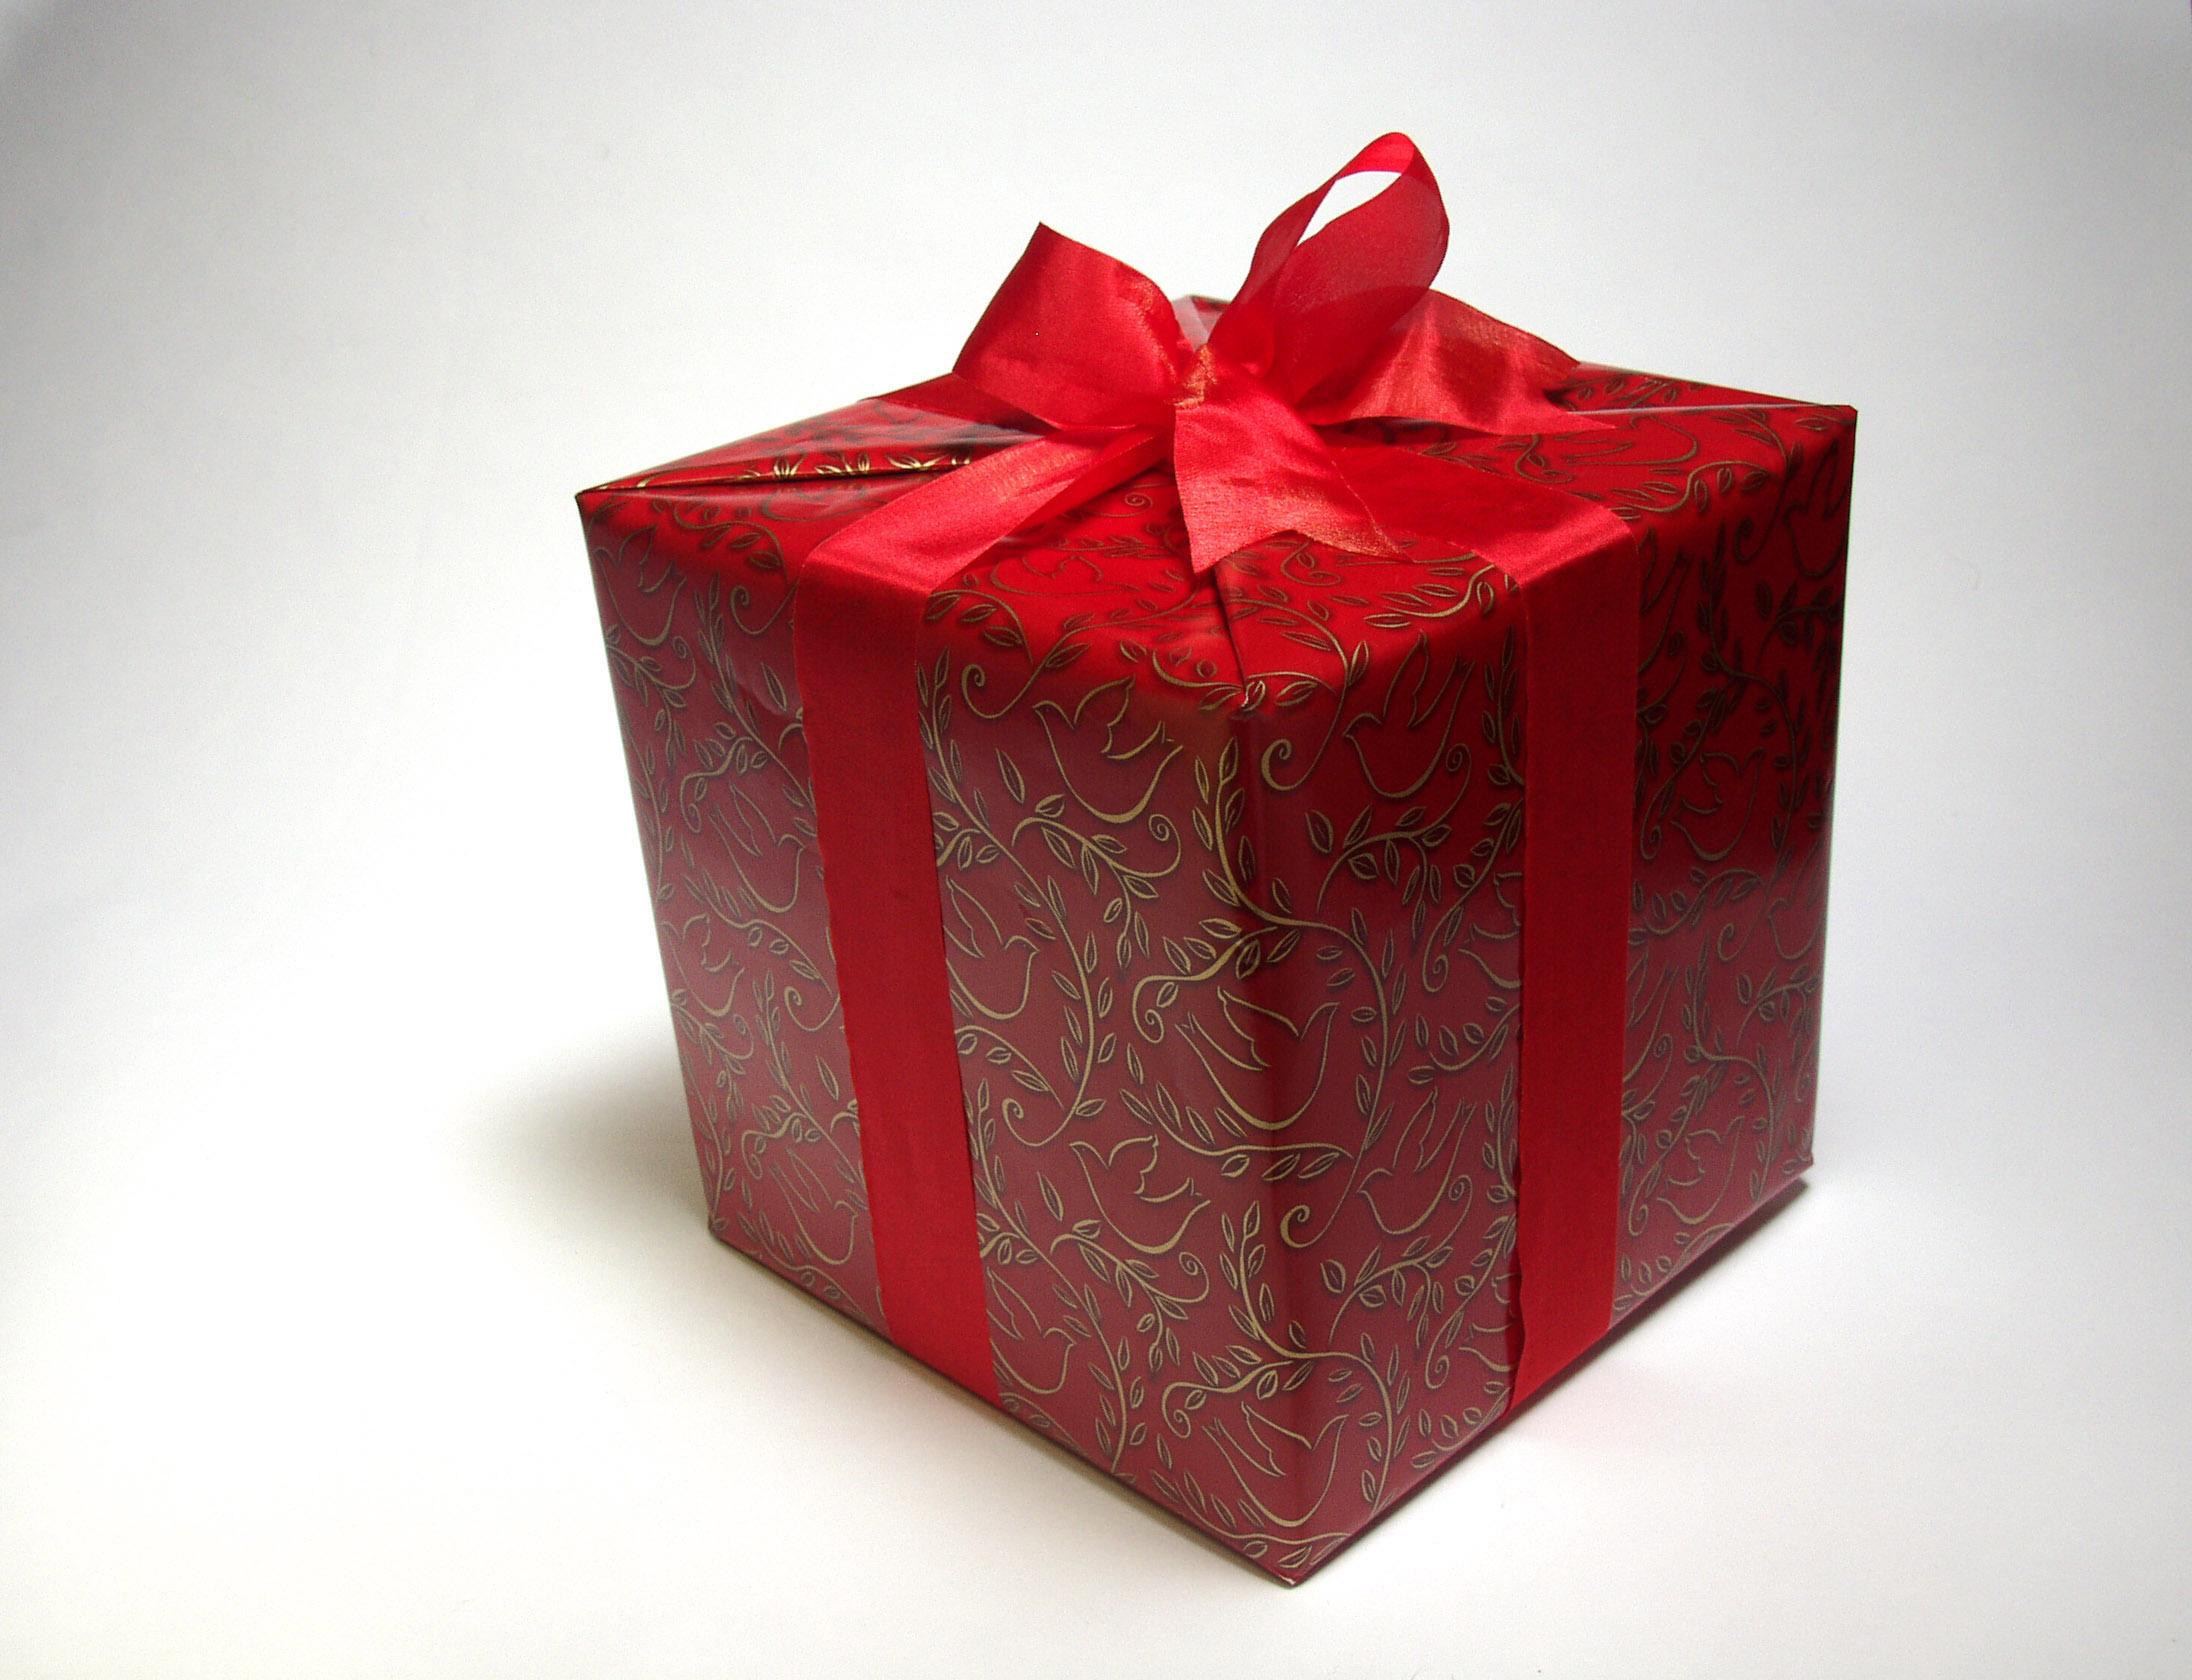 el mejor regalo solo te lo puedes hacer tu. Entusiasmado.com